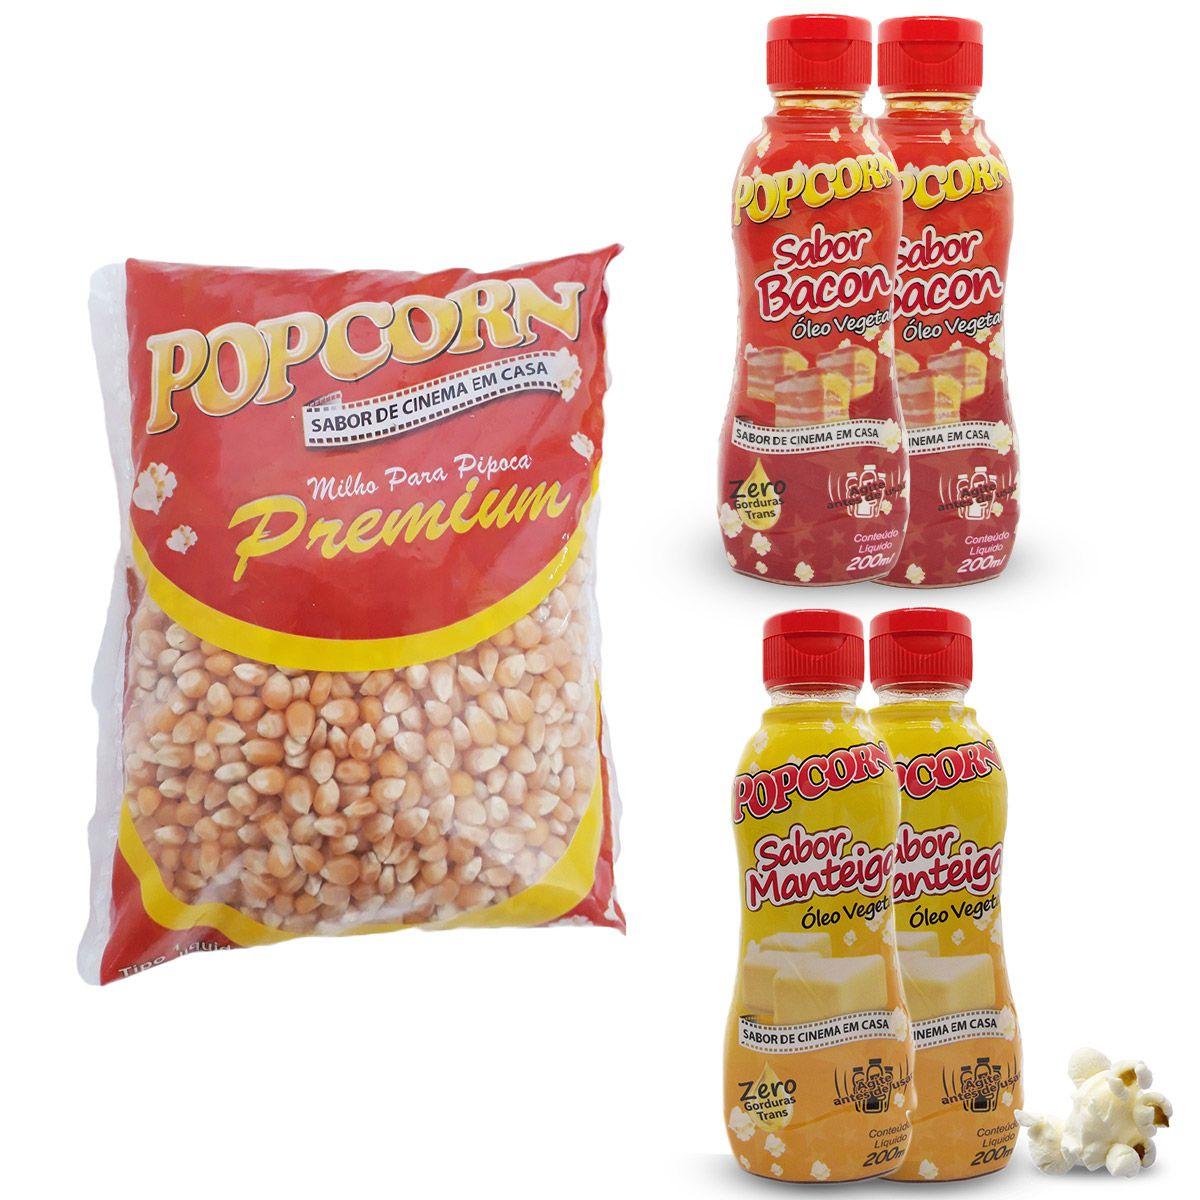 MANTEIGA DE CINEMA - Óleo Vegetal Sabor Manteiga e Bacon 2 unidades cada + 500g Milho Premium.